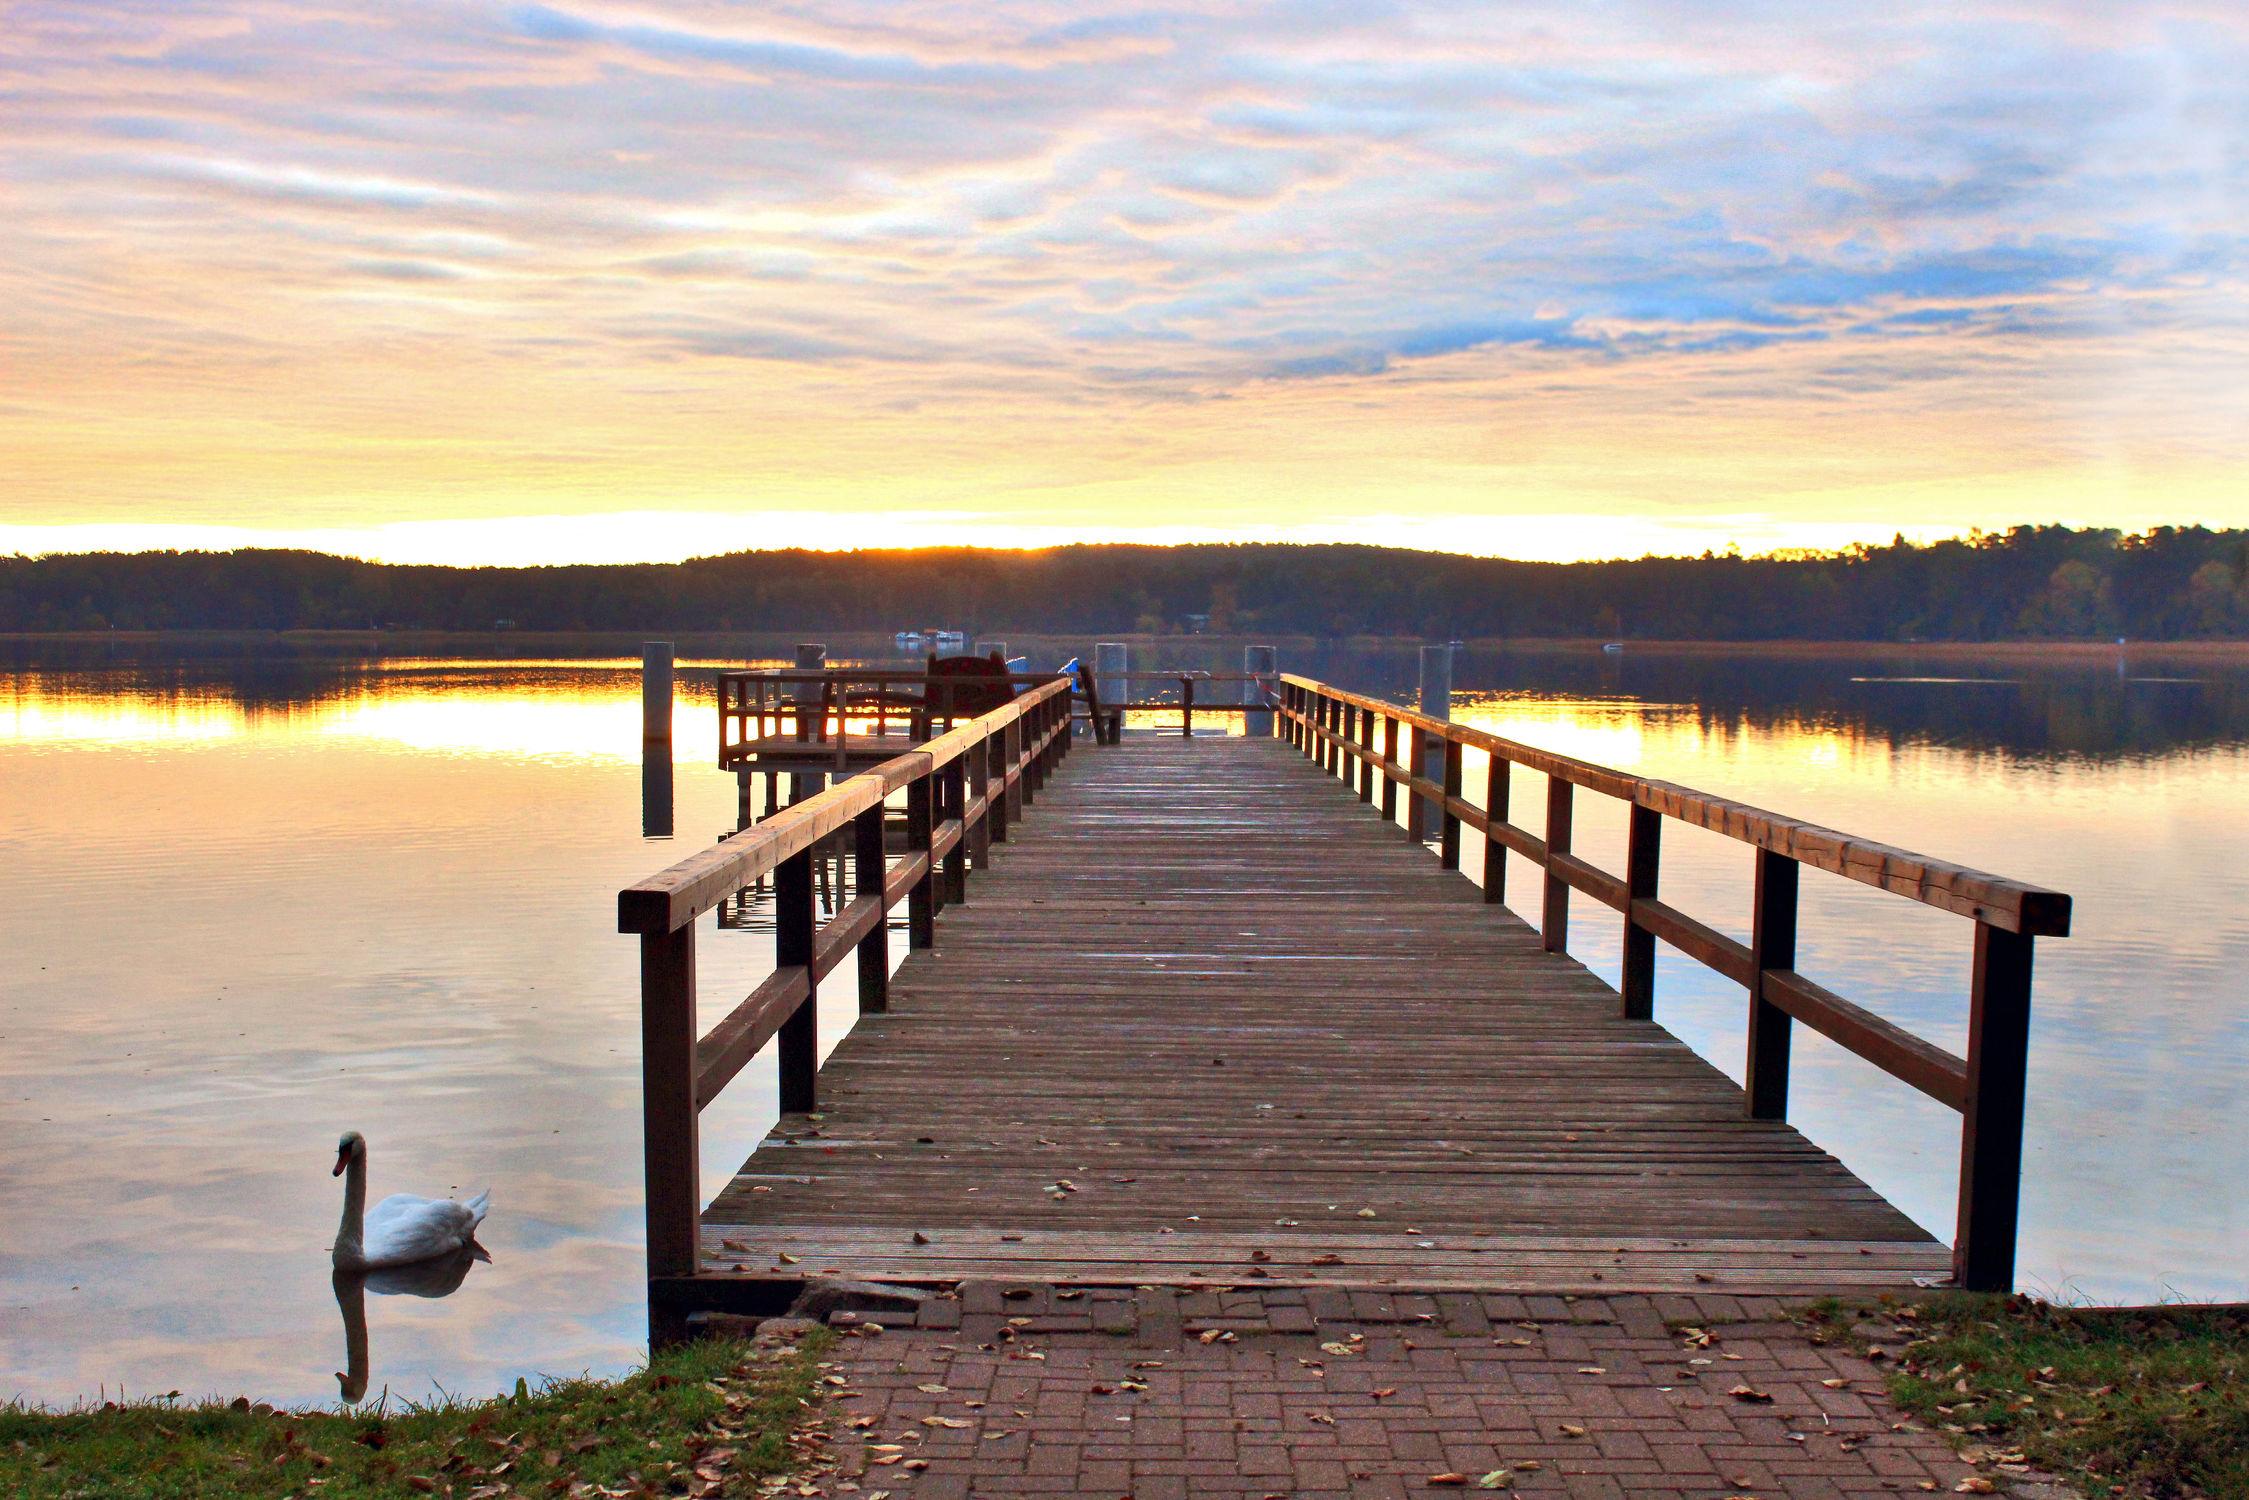 Bild mit Gewässer, Sonnenuntergang, Sonnenaufgang, Steg, Seeblick, Holzsteg, See, Scharmützelsee